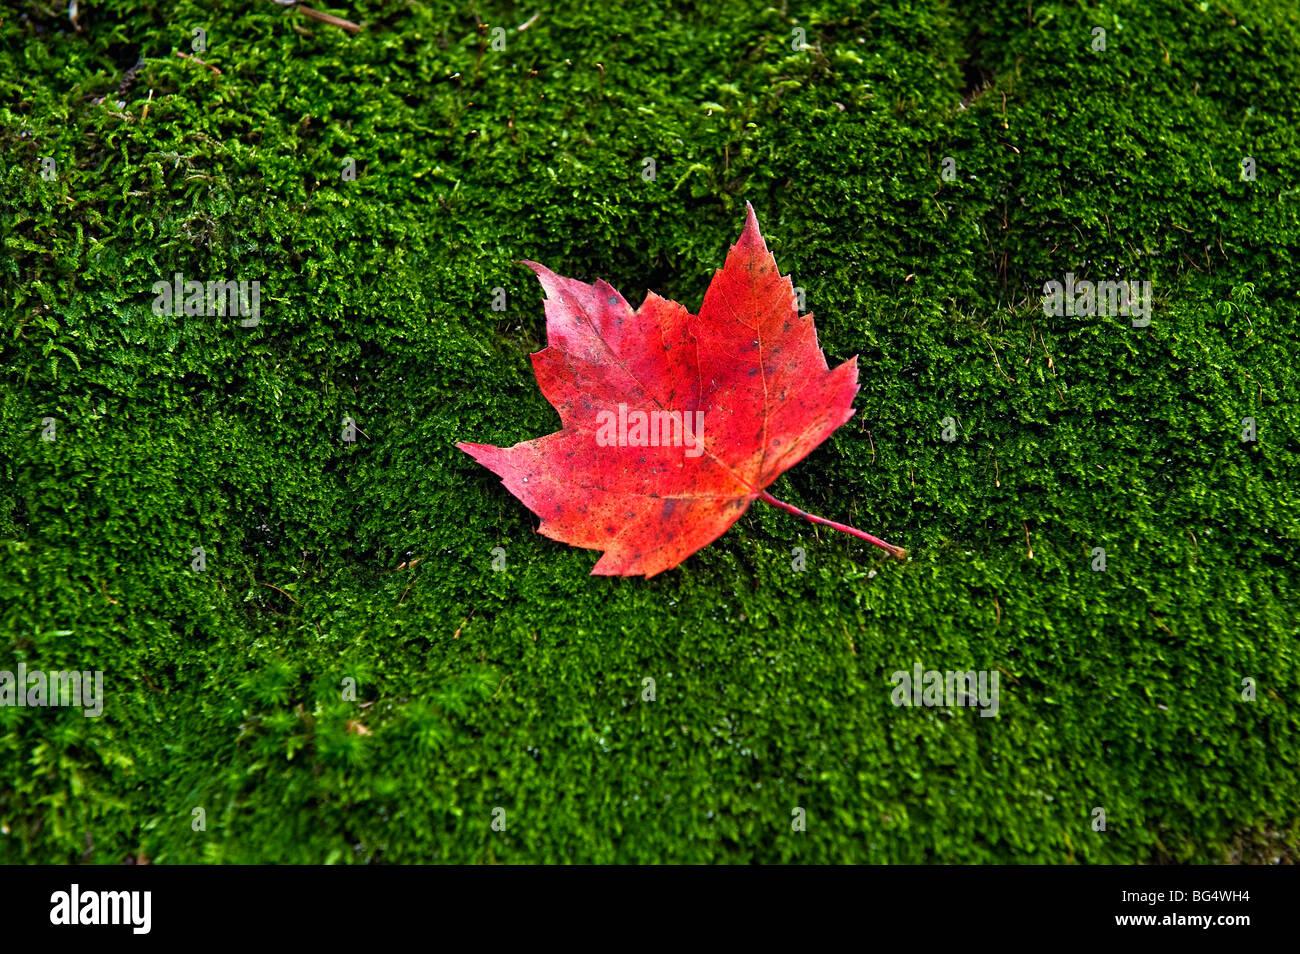 Hoja de arce rojo sobre un lecho de musgo verde Foto & Imagen De ...